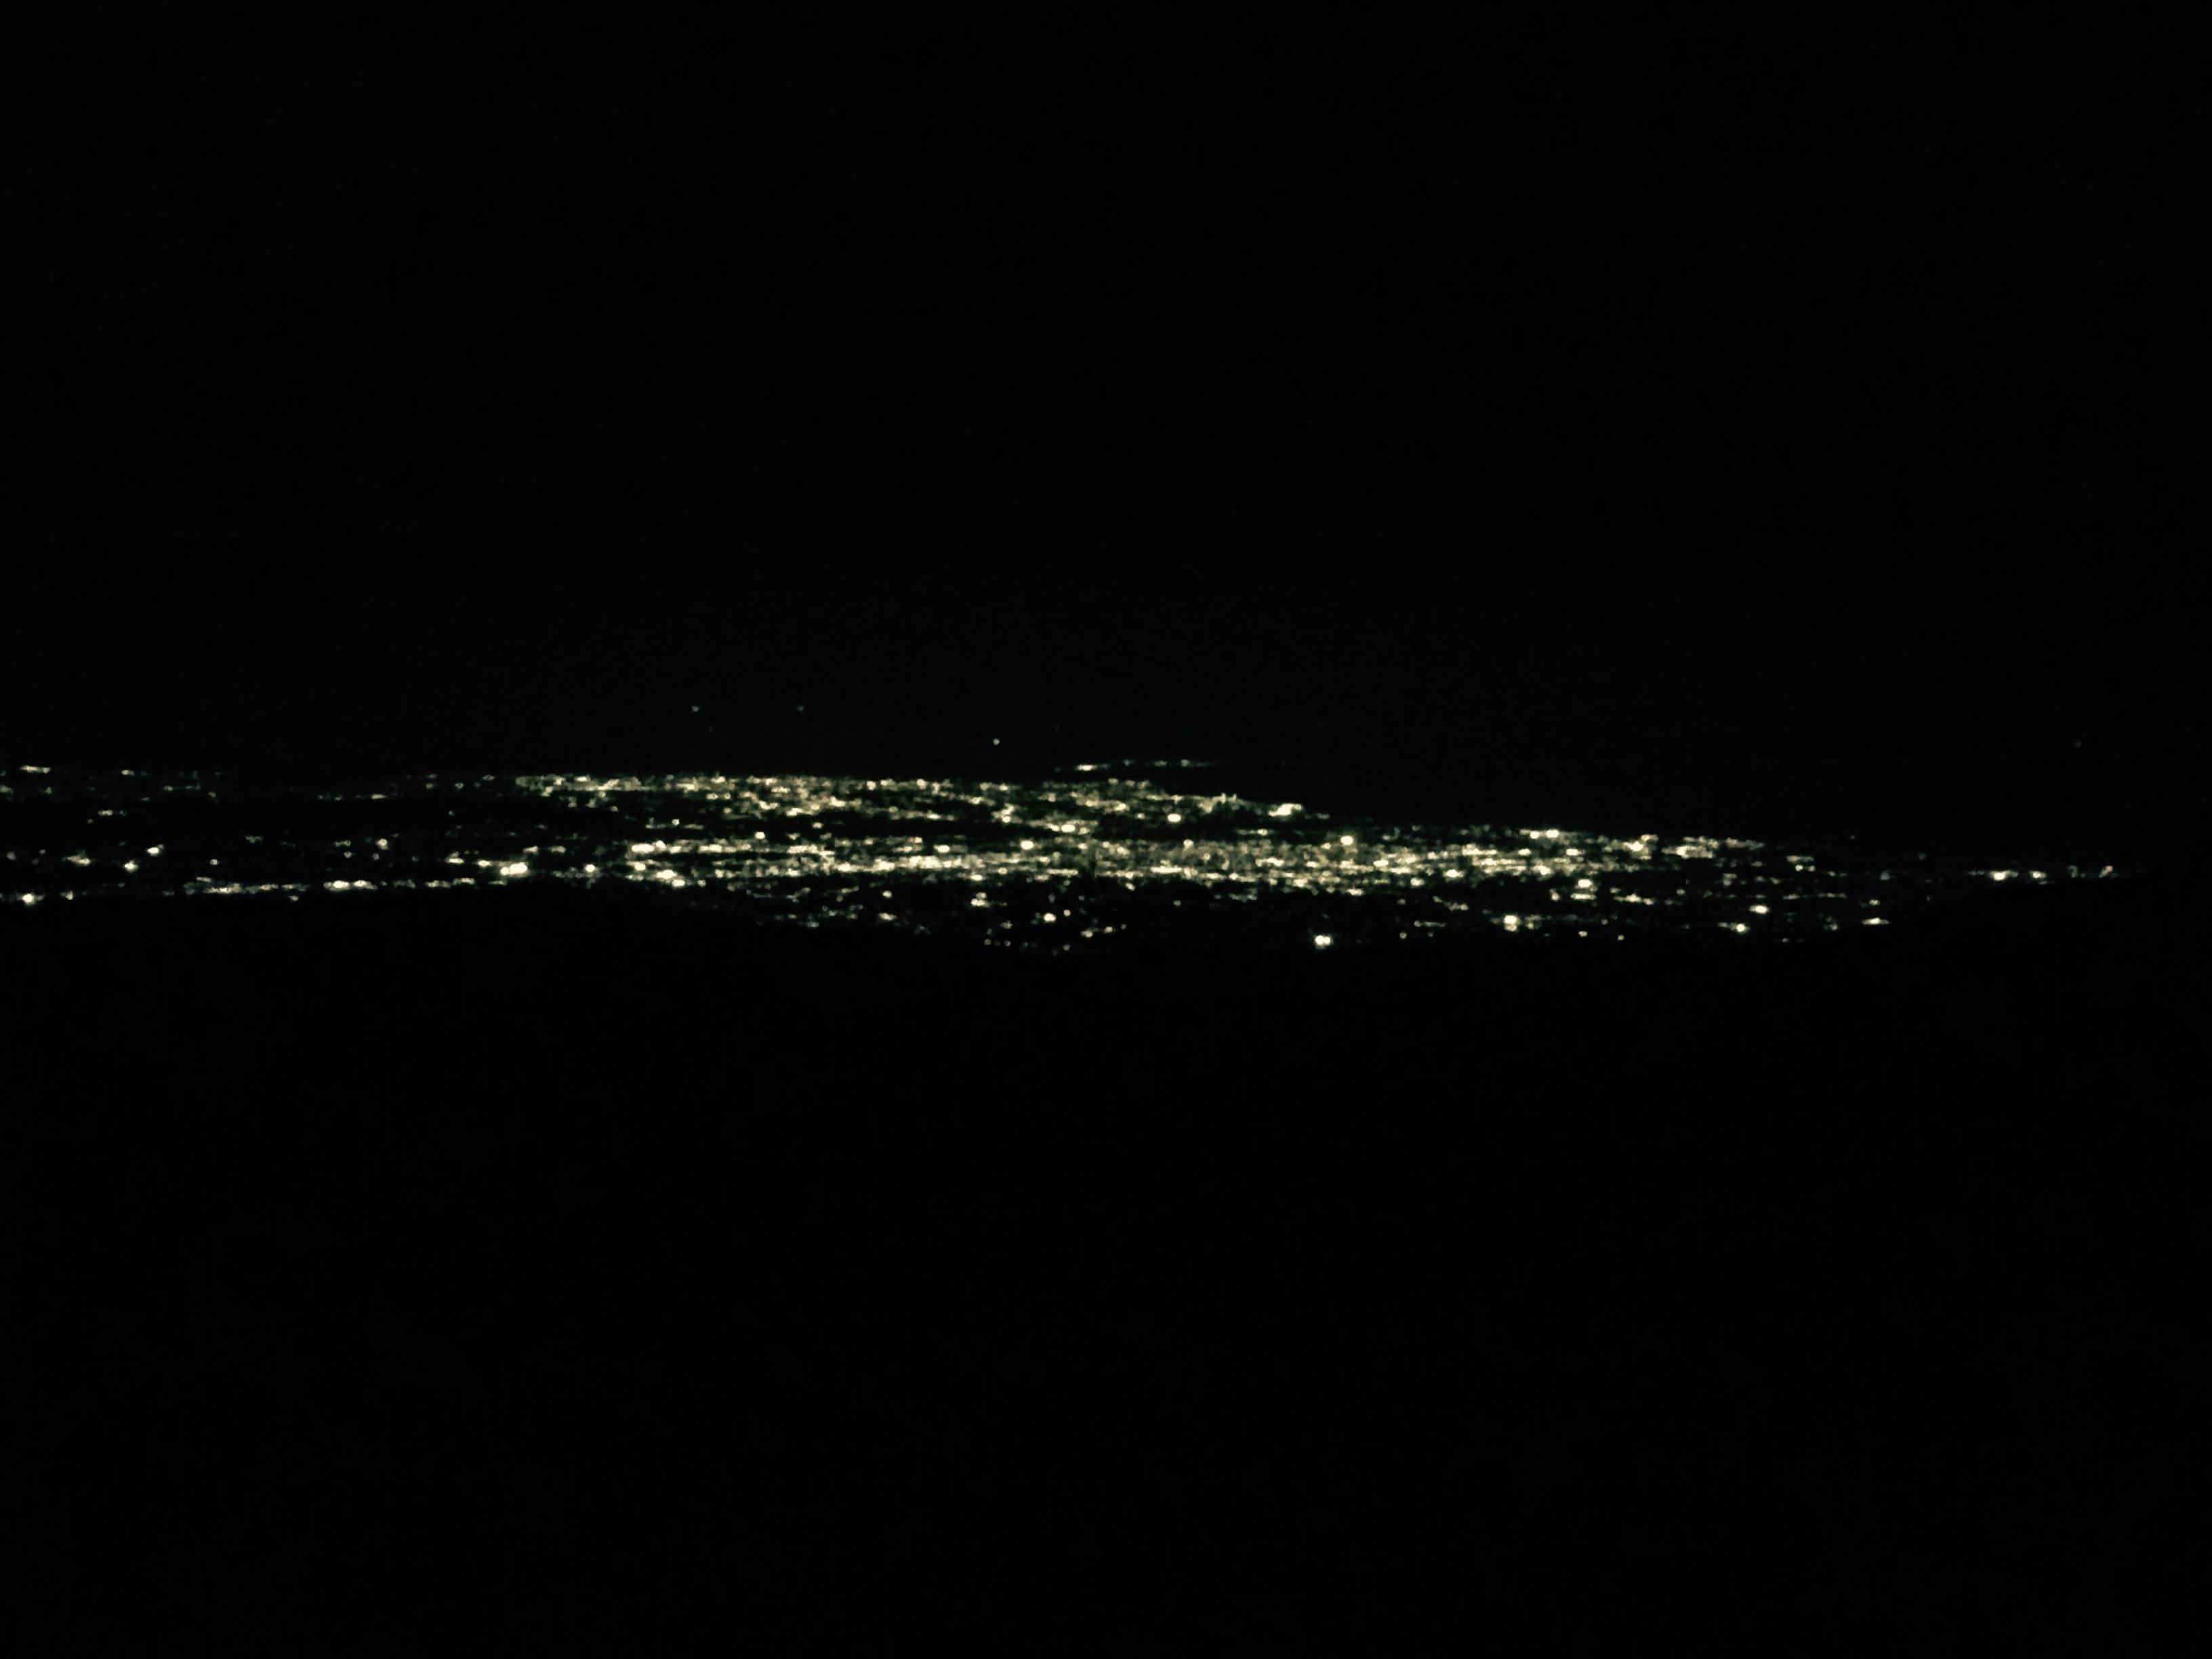 クリアーな富山平野の夜景